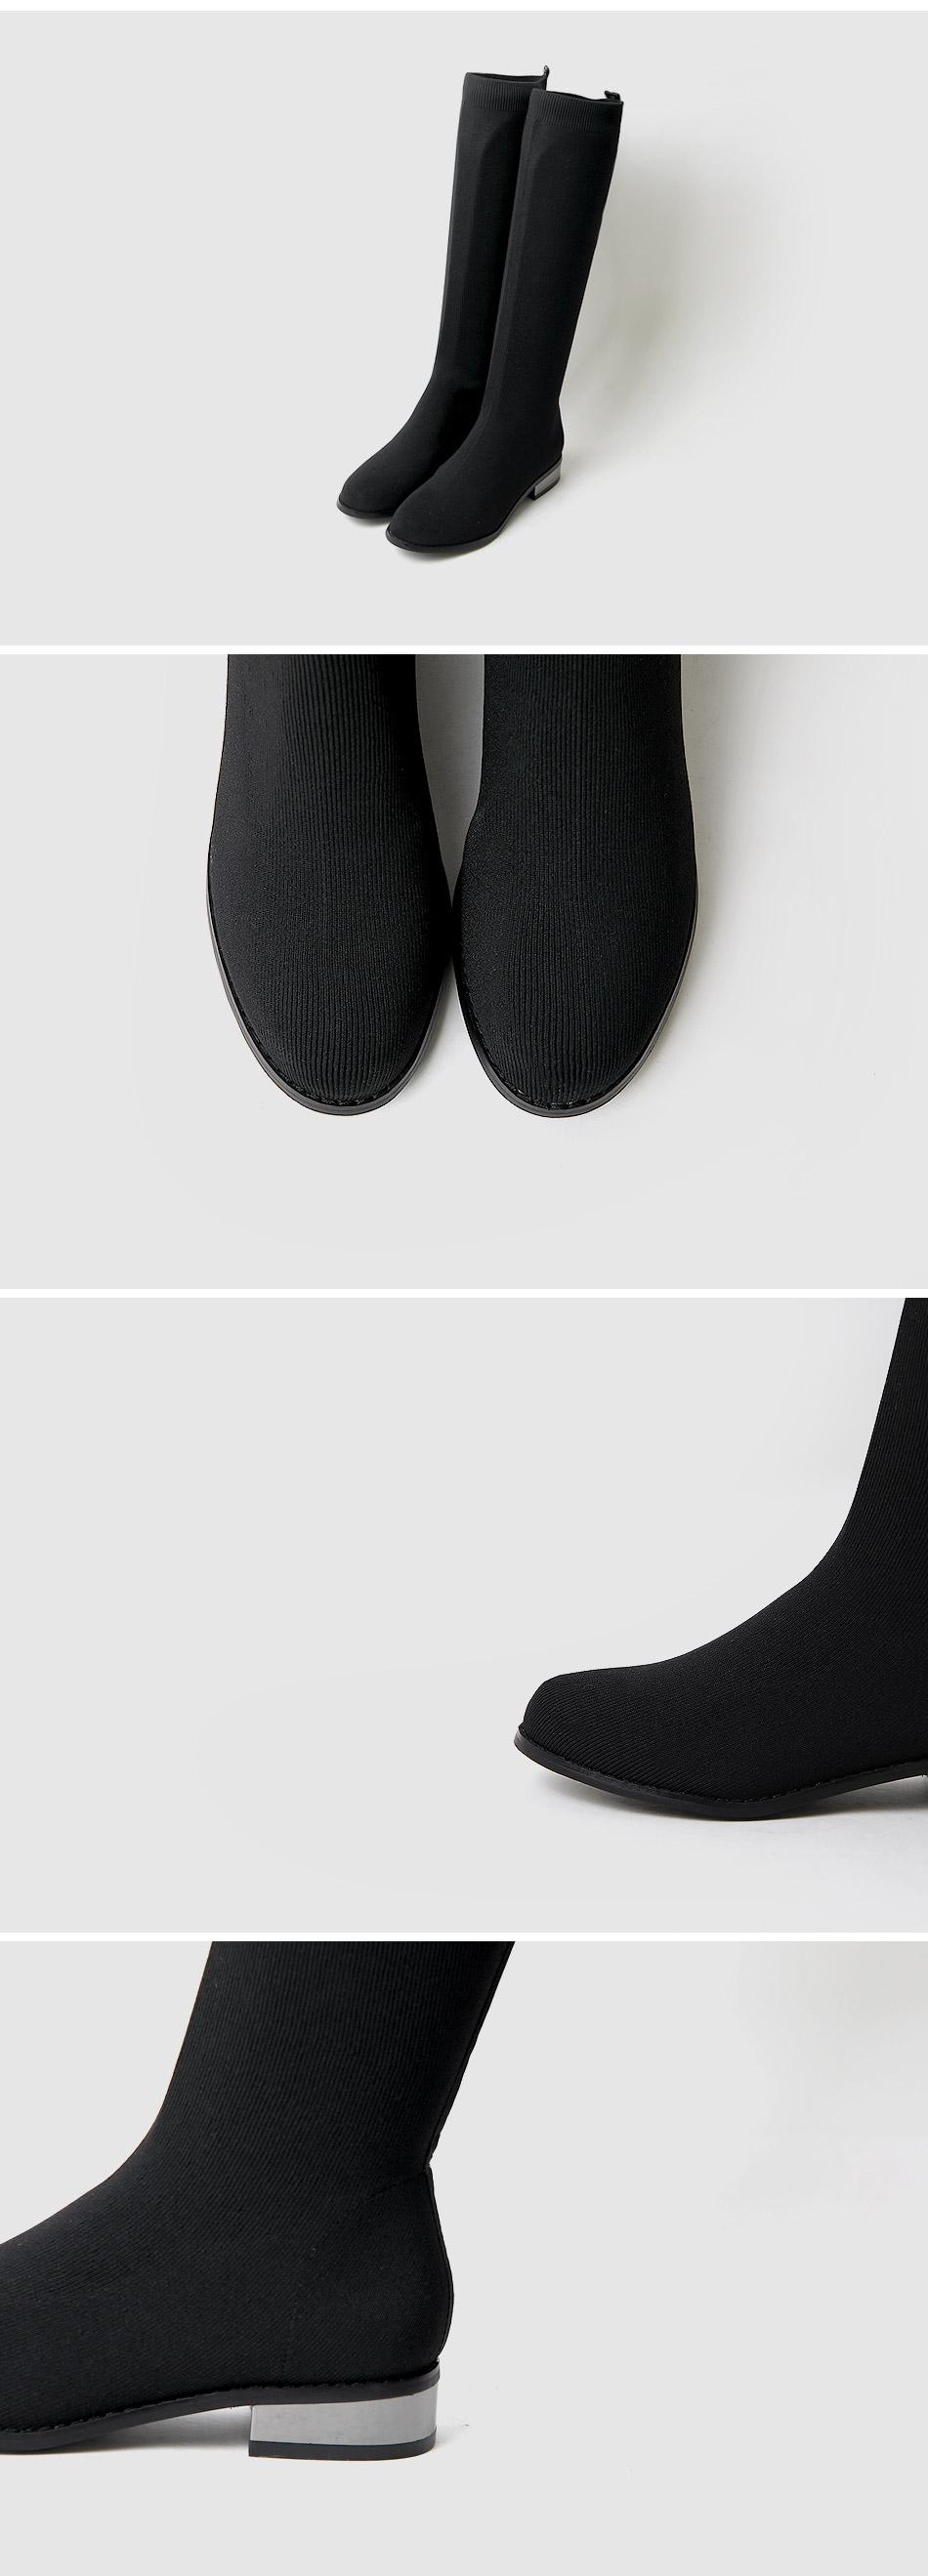 Tibea Sox Long Boots 3cm